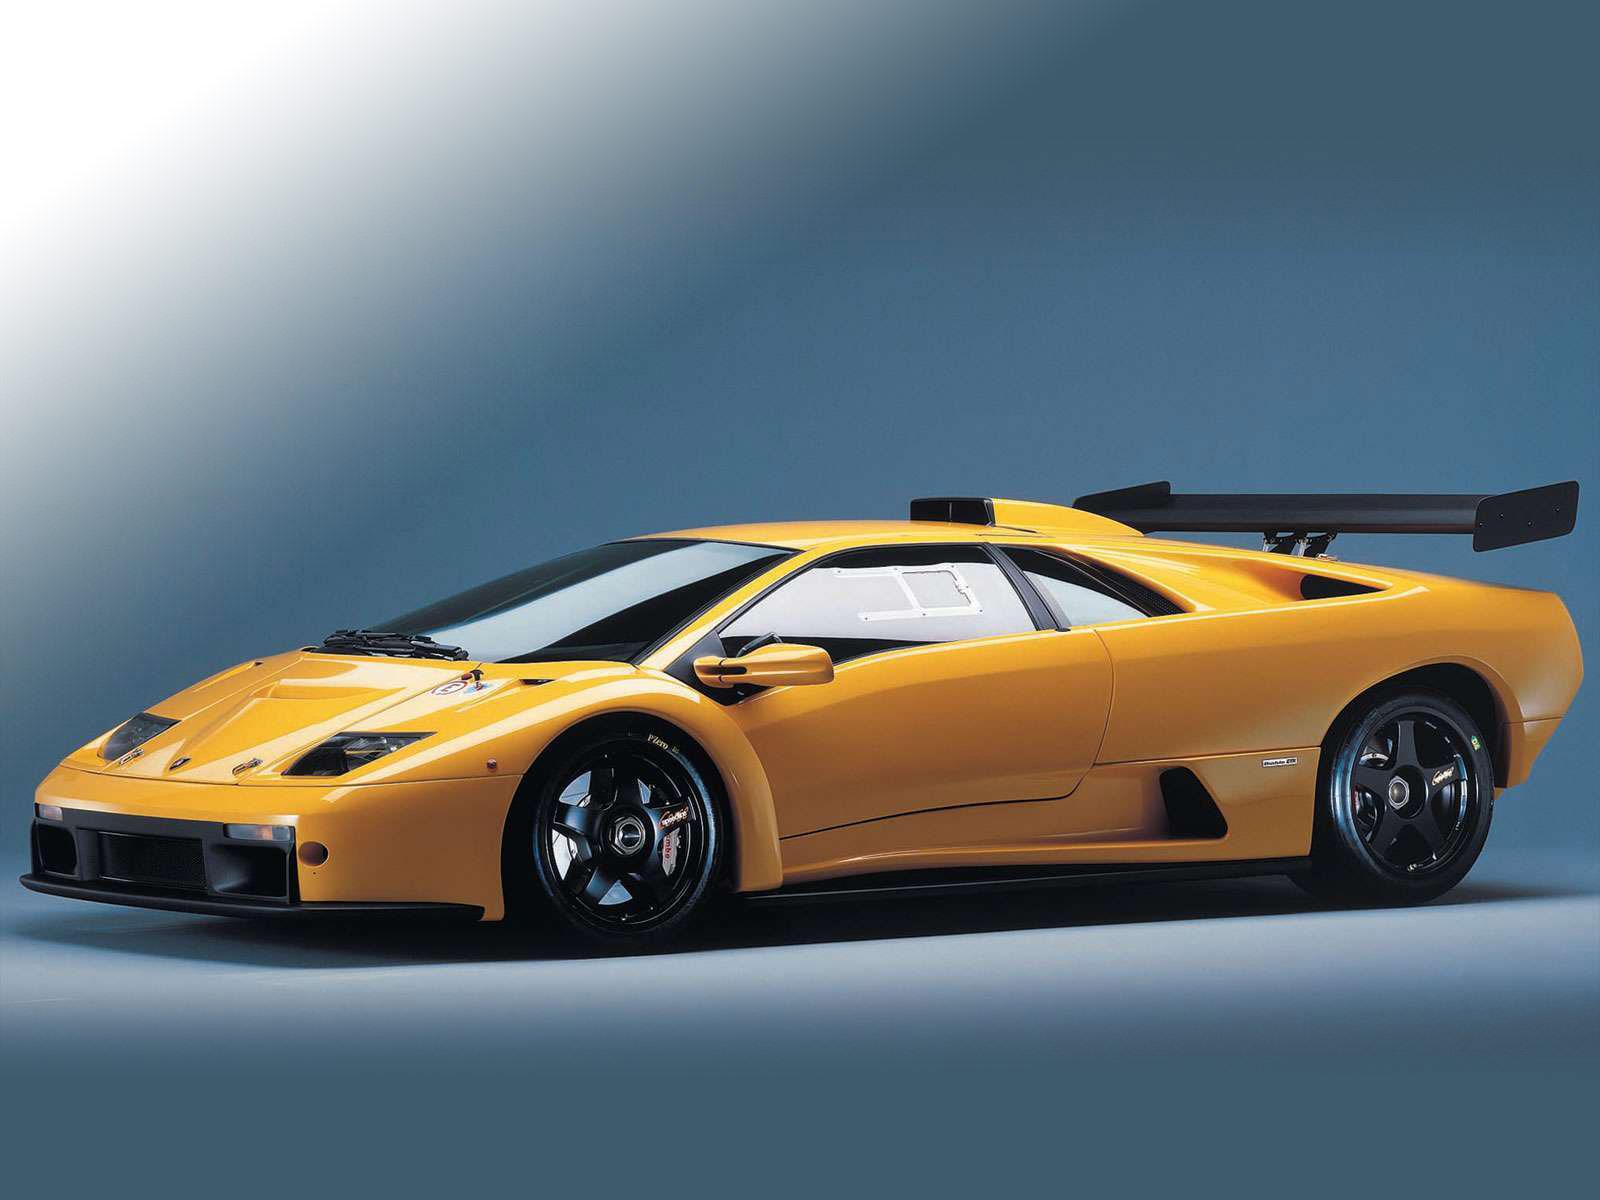 Diablo Gt Race Car